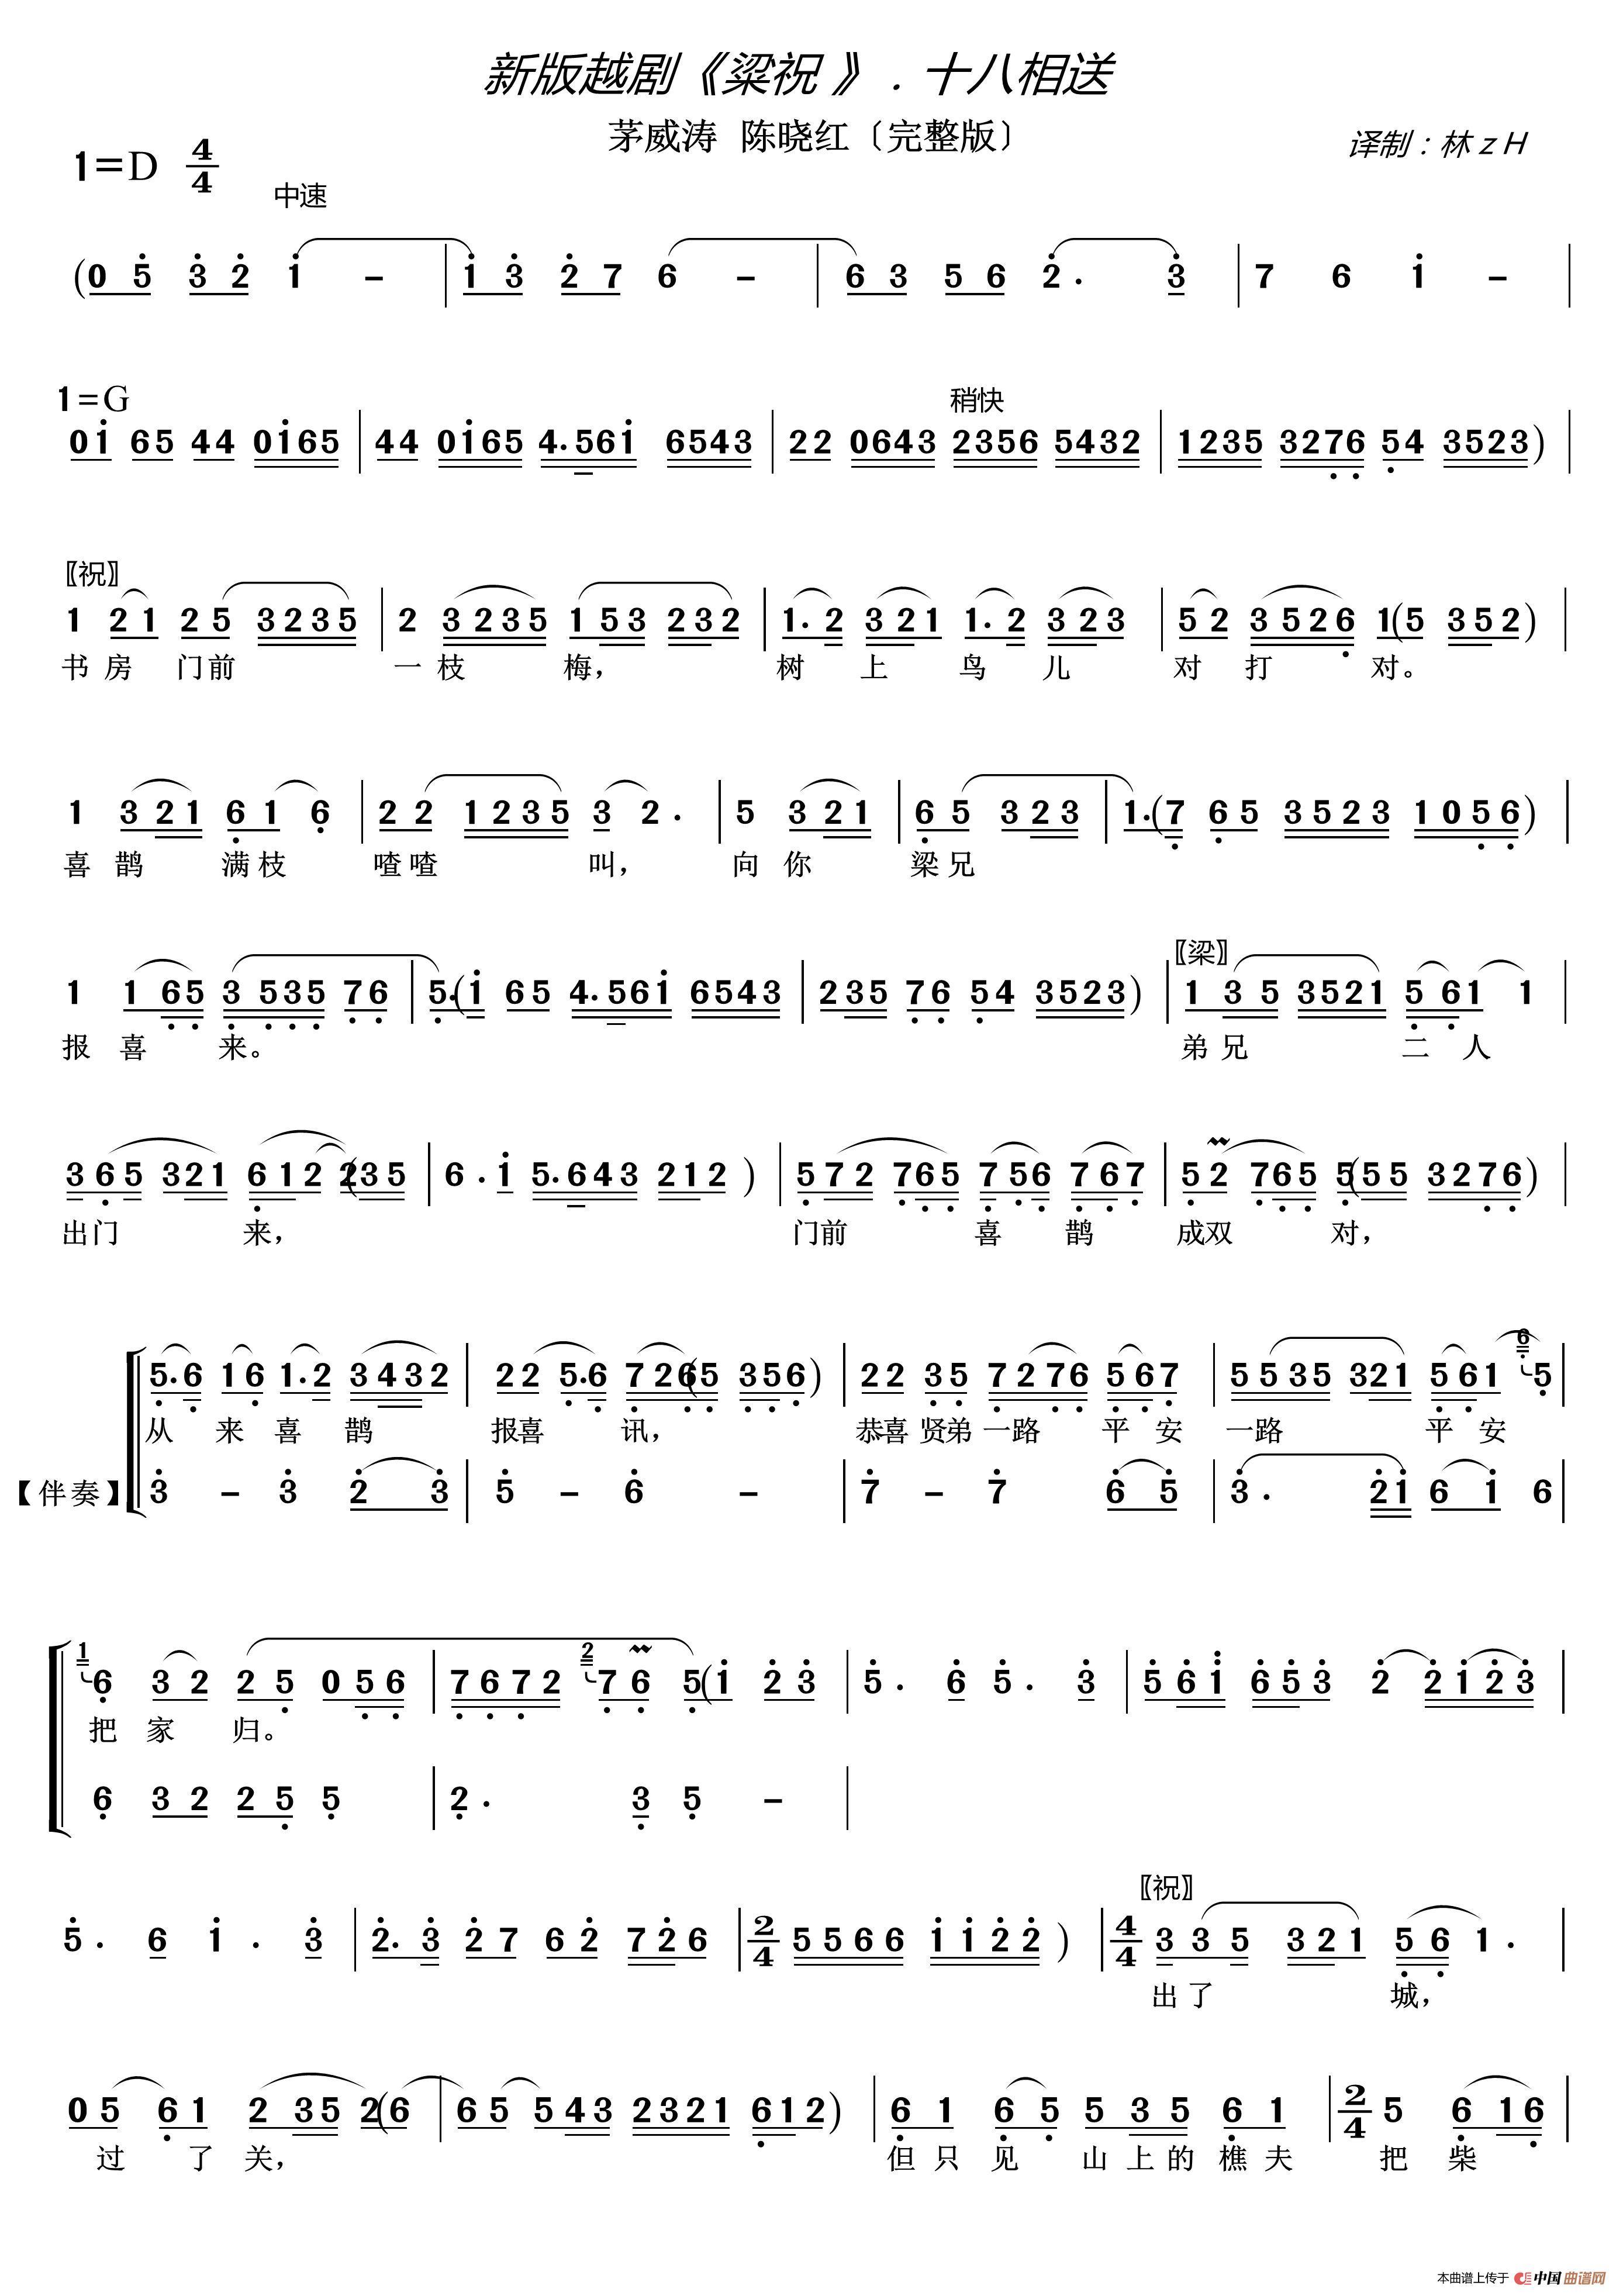 粱祝·十八相送(1)_原文件名:粱祝 十八相送1.jpg